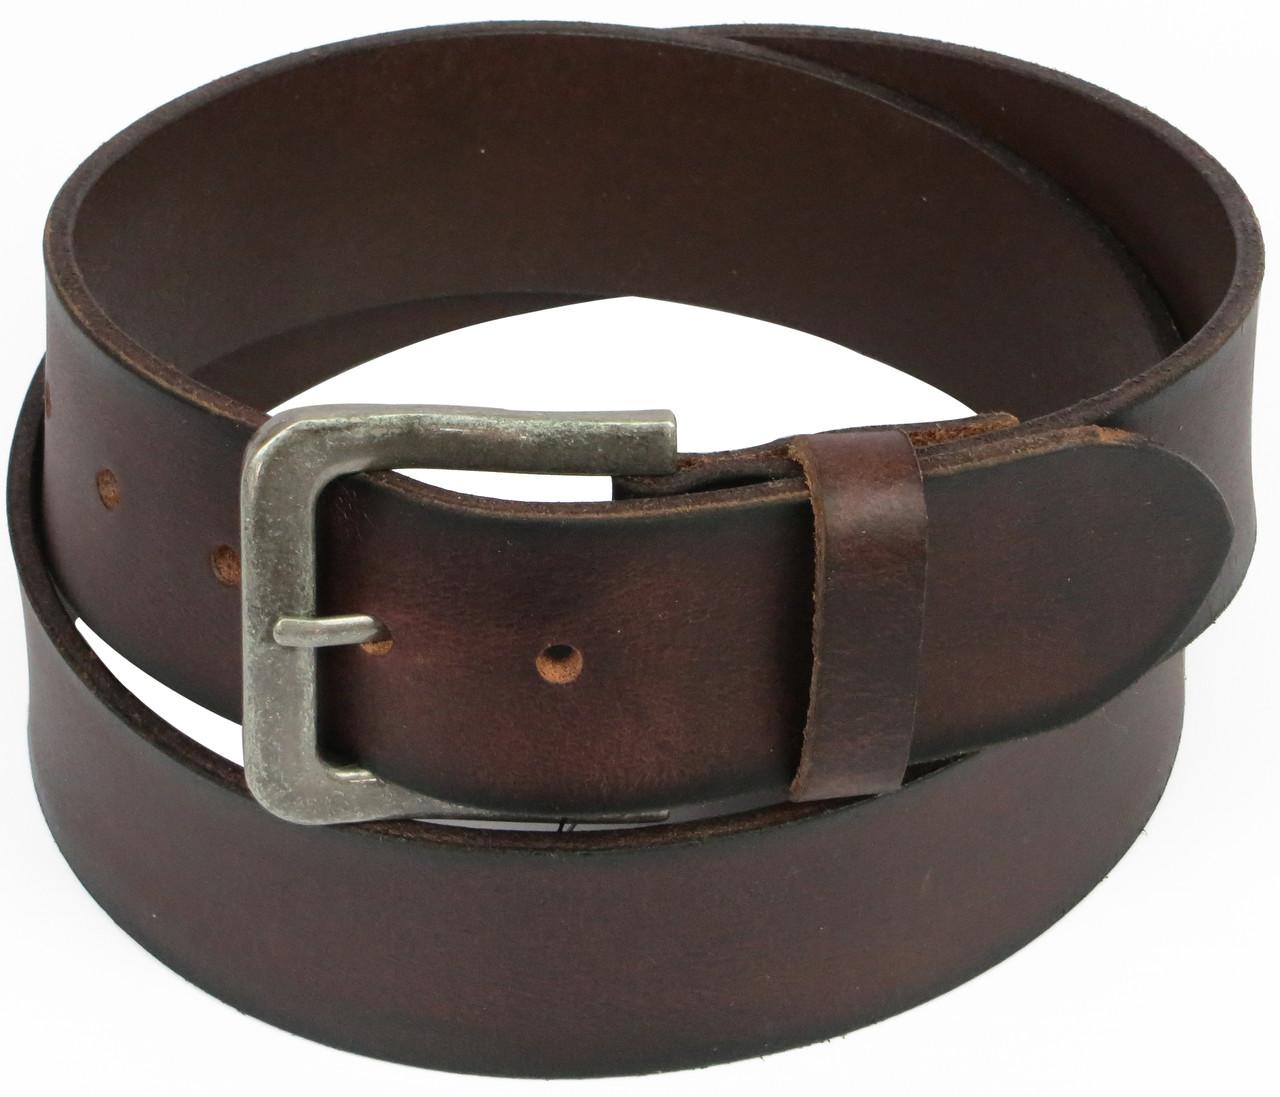 Качественный мужской кожаный ремень под джинсы, Vanzetti, Германия, 100004 коричневый, 4,5х119 см